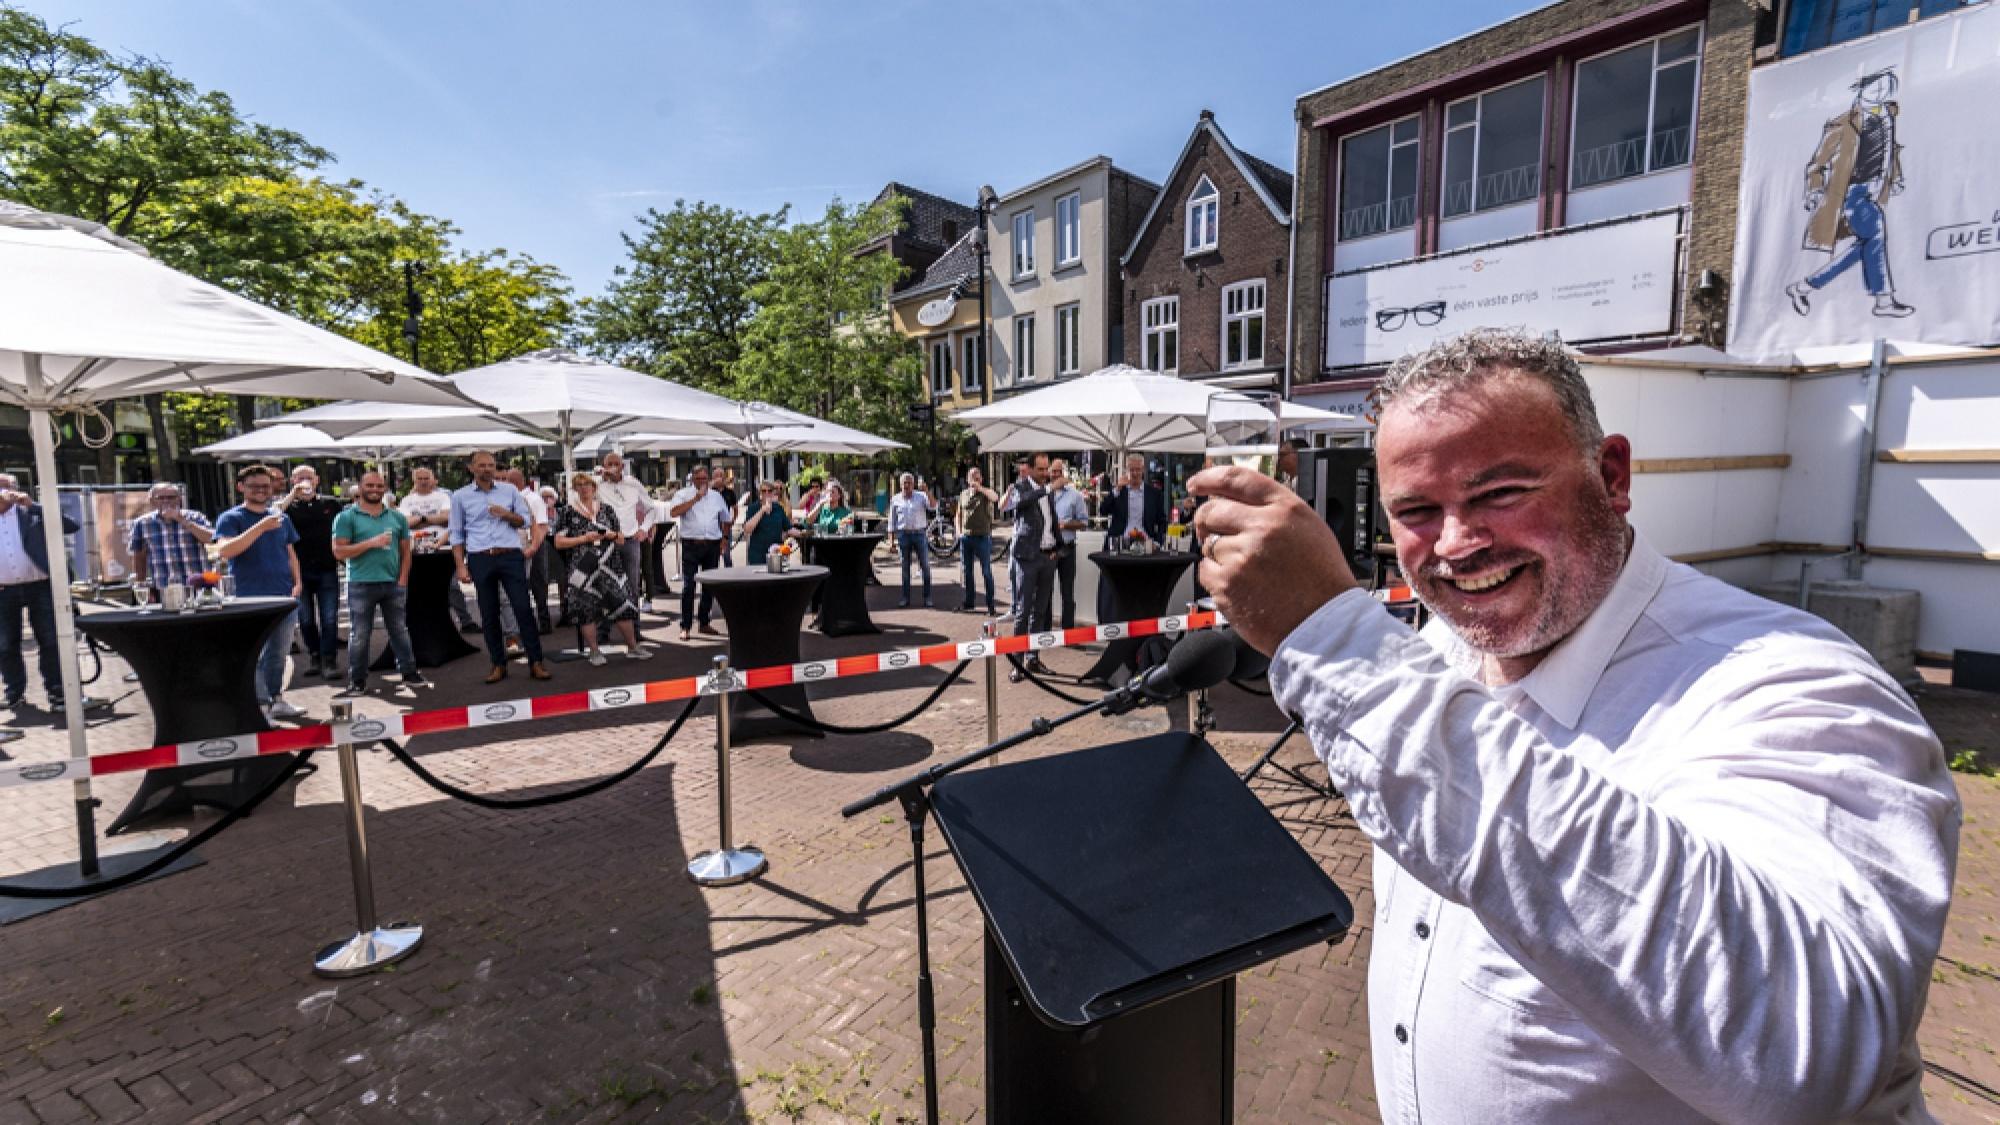 Wethouder Frank den Brok met een toast